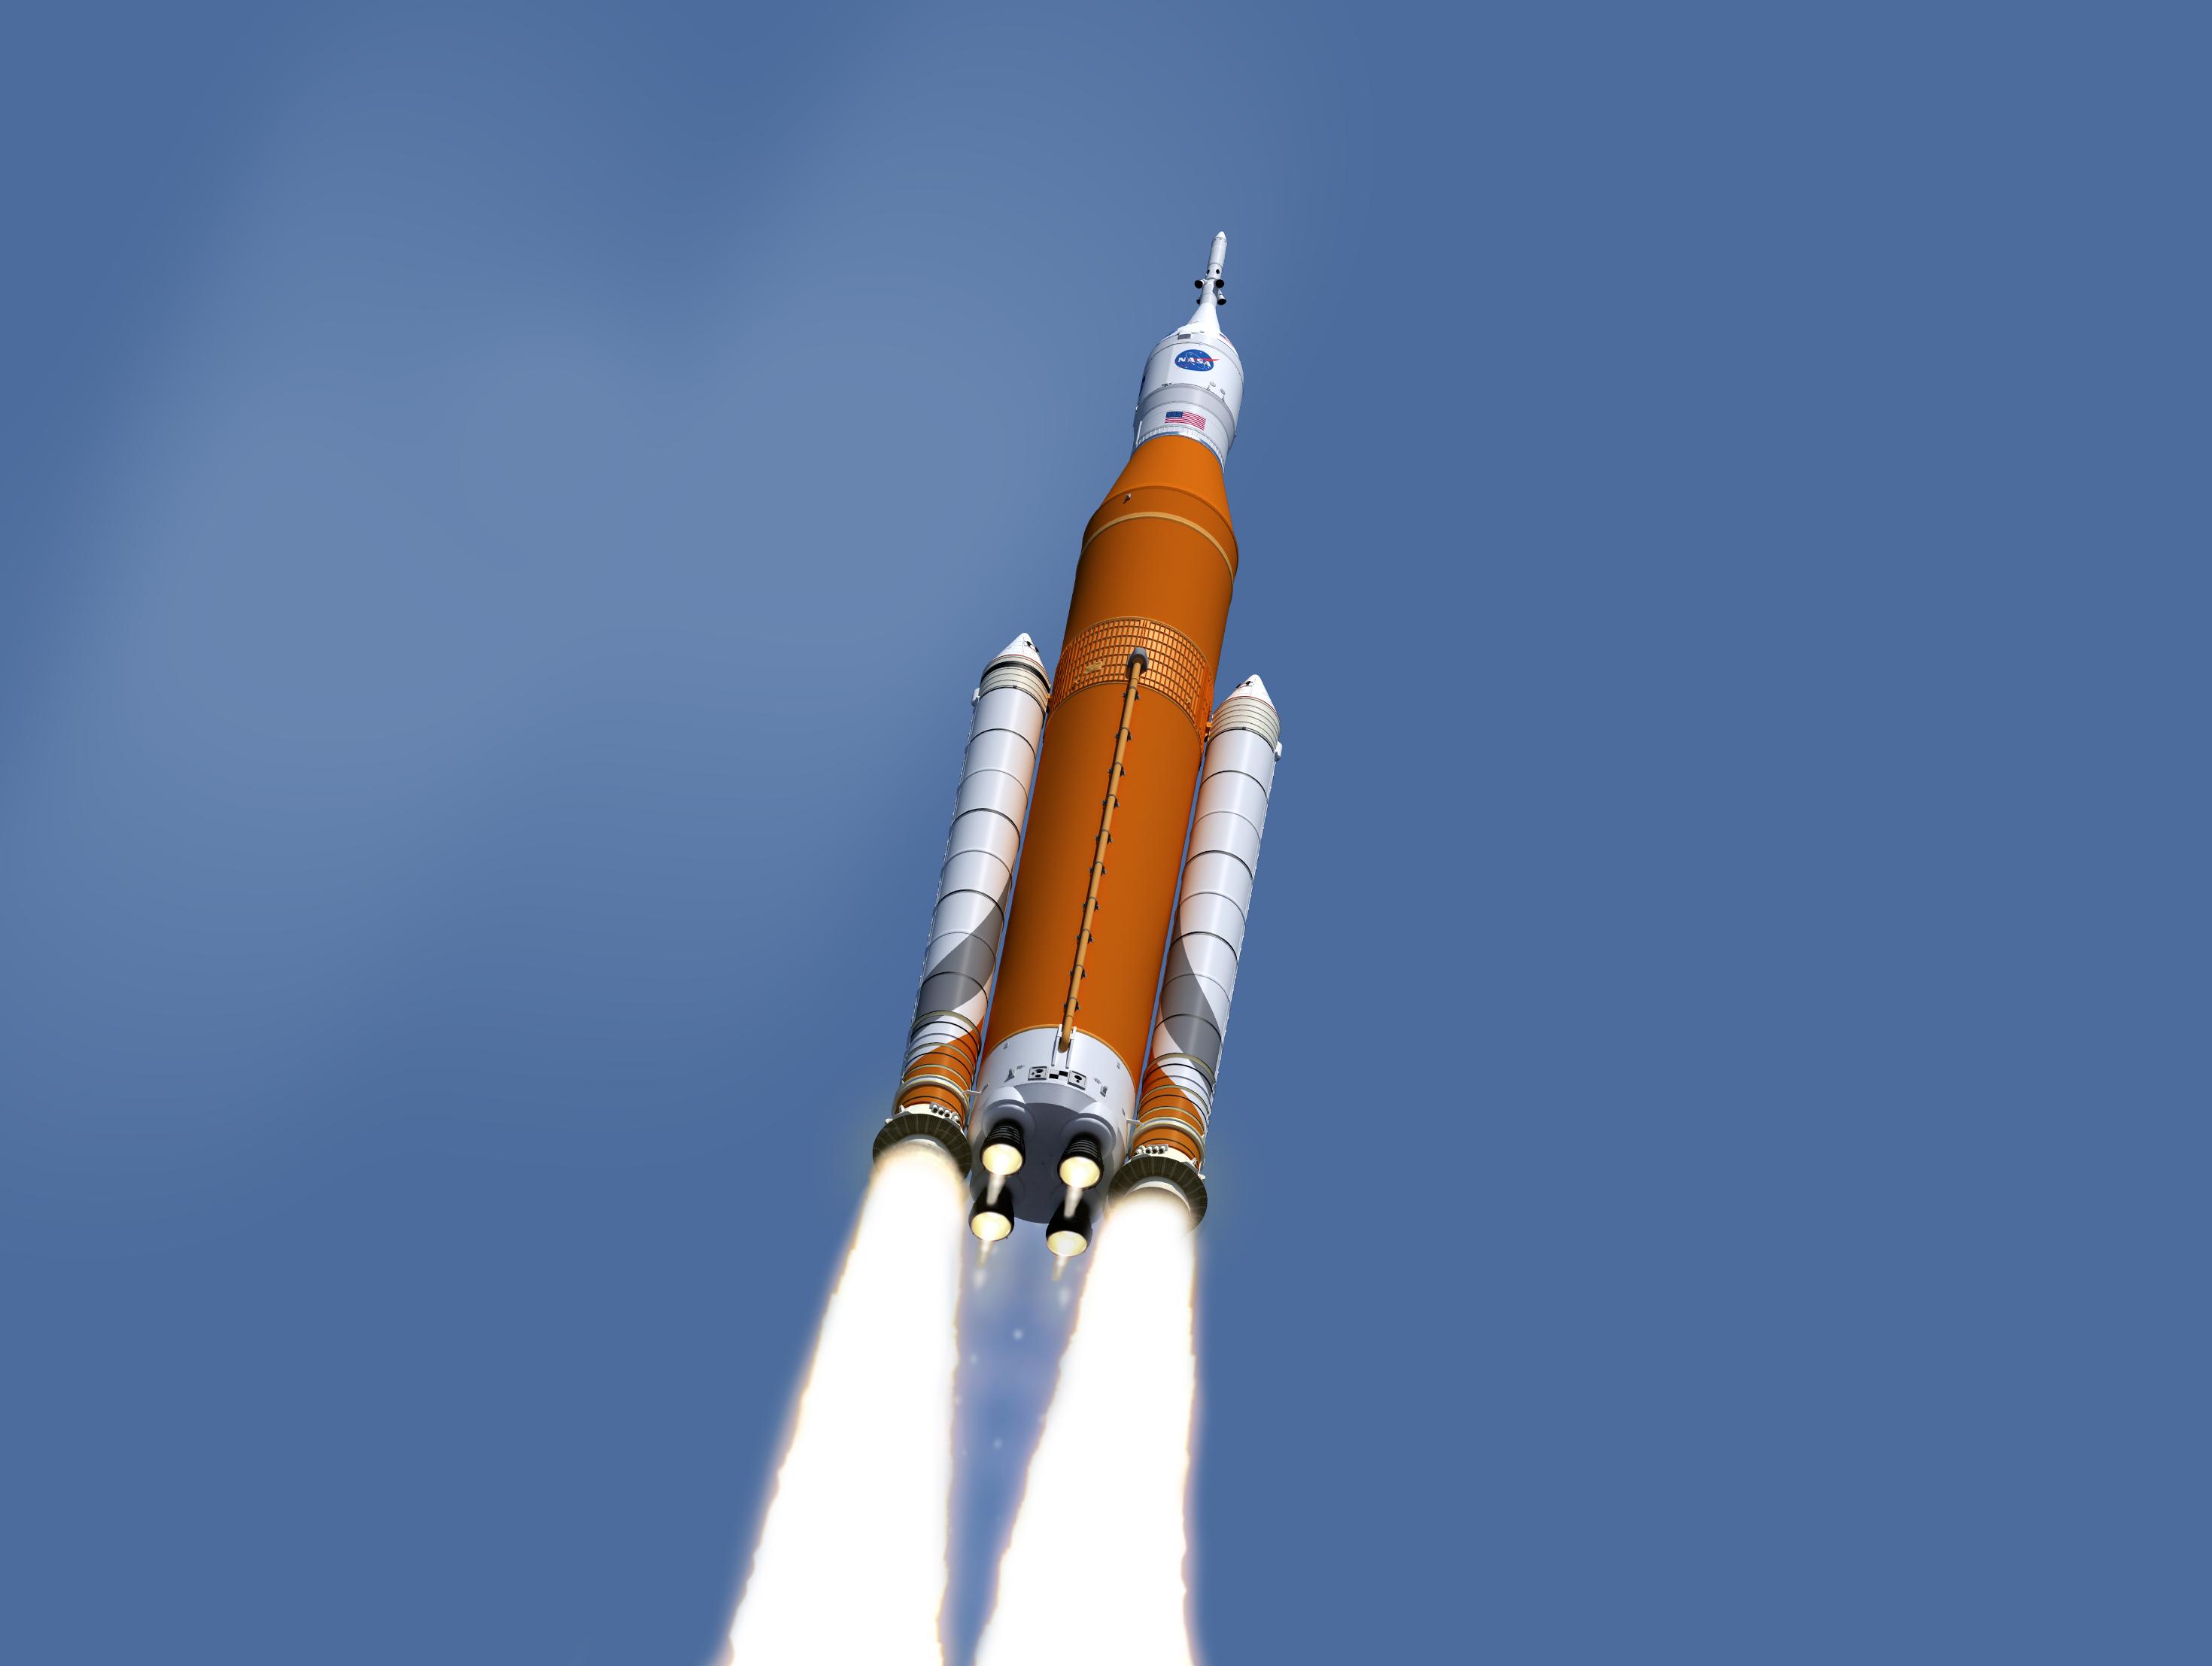 Сверхтяжёлая ракета SLS не будет готова к запуску в 2020 году.